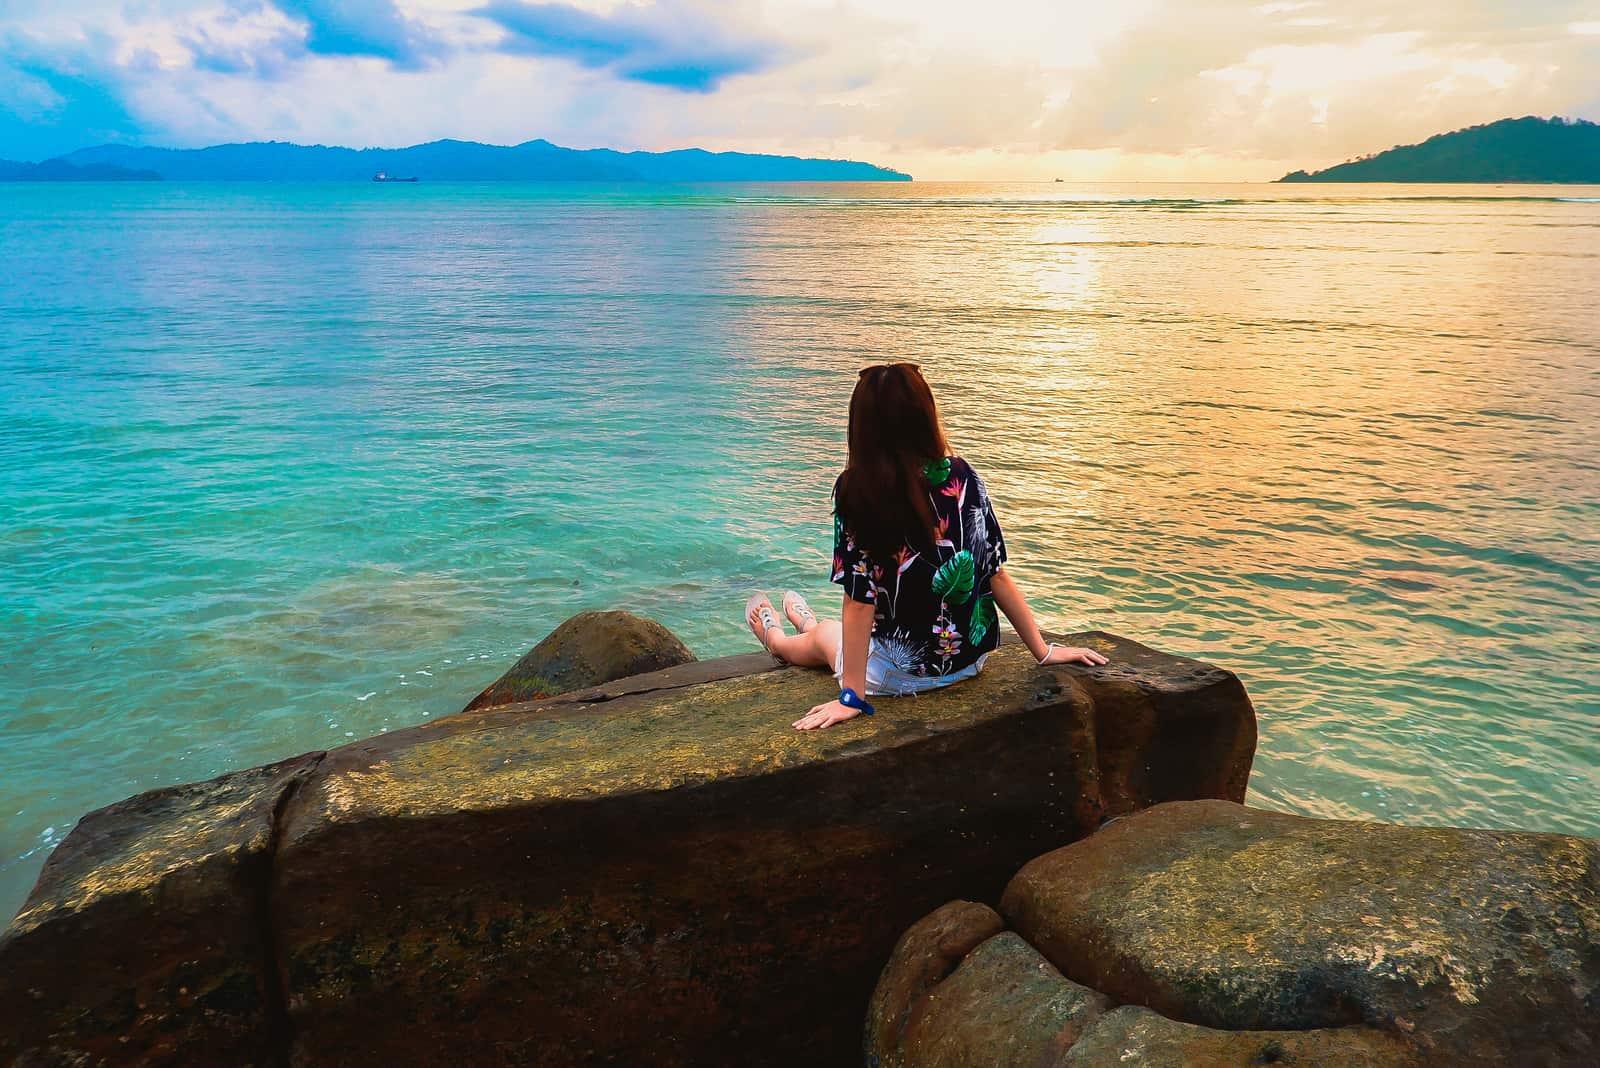 une femme est assise sur un rocher et regarde la mer